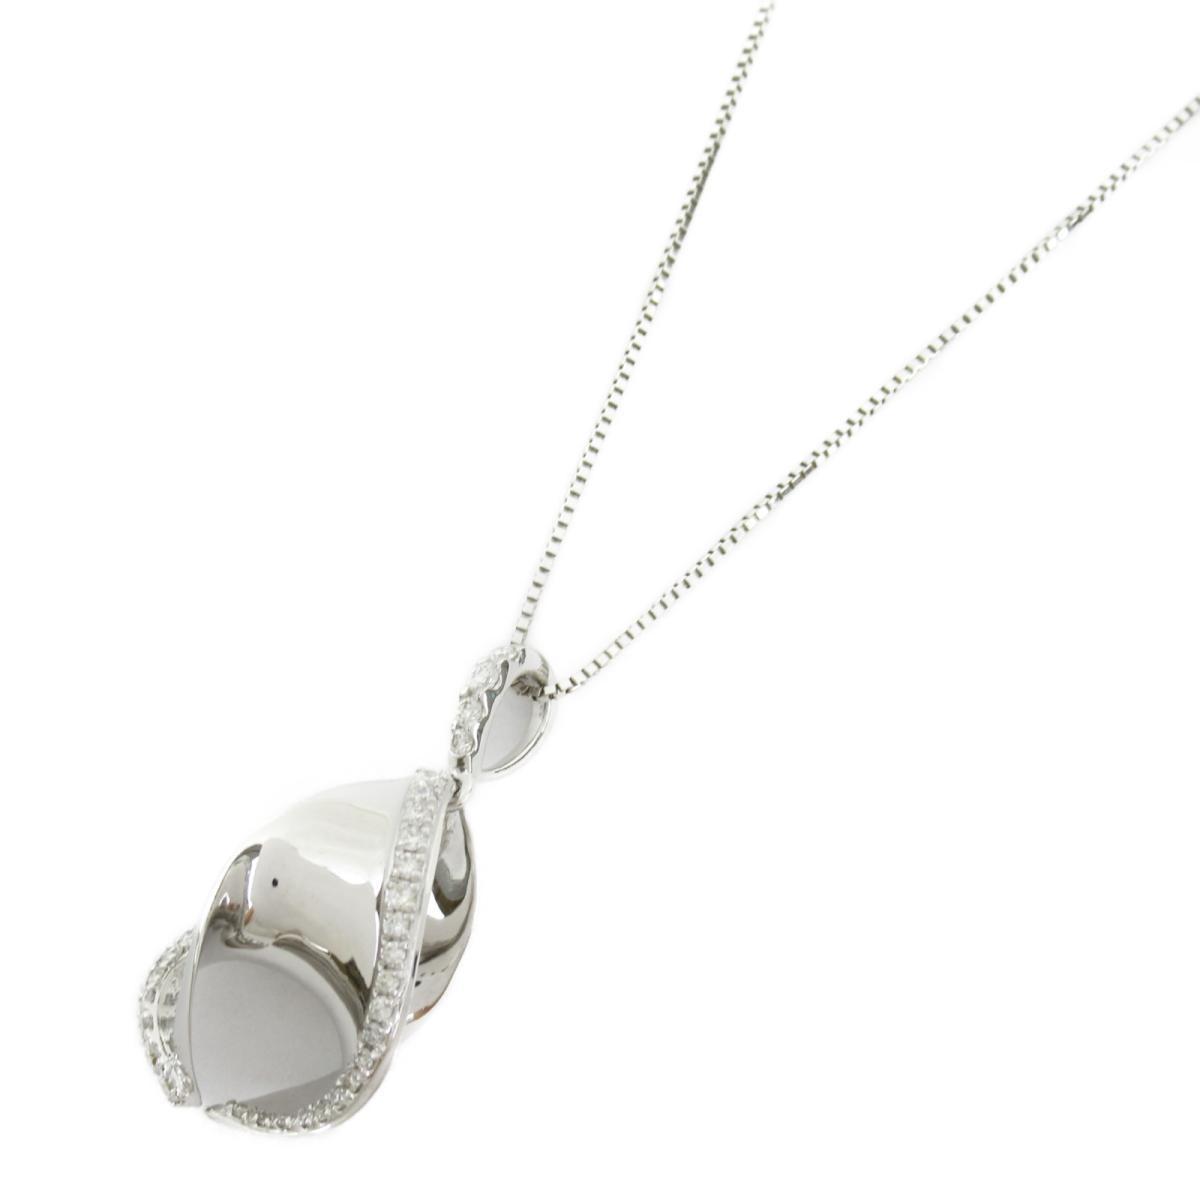 【中古】ジュエリー ダイヤモンド ネックレス ノーブランドジュエリー レディース 18Kホワイトゴールド x ダイヤモンド0.32CT